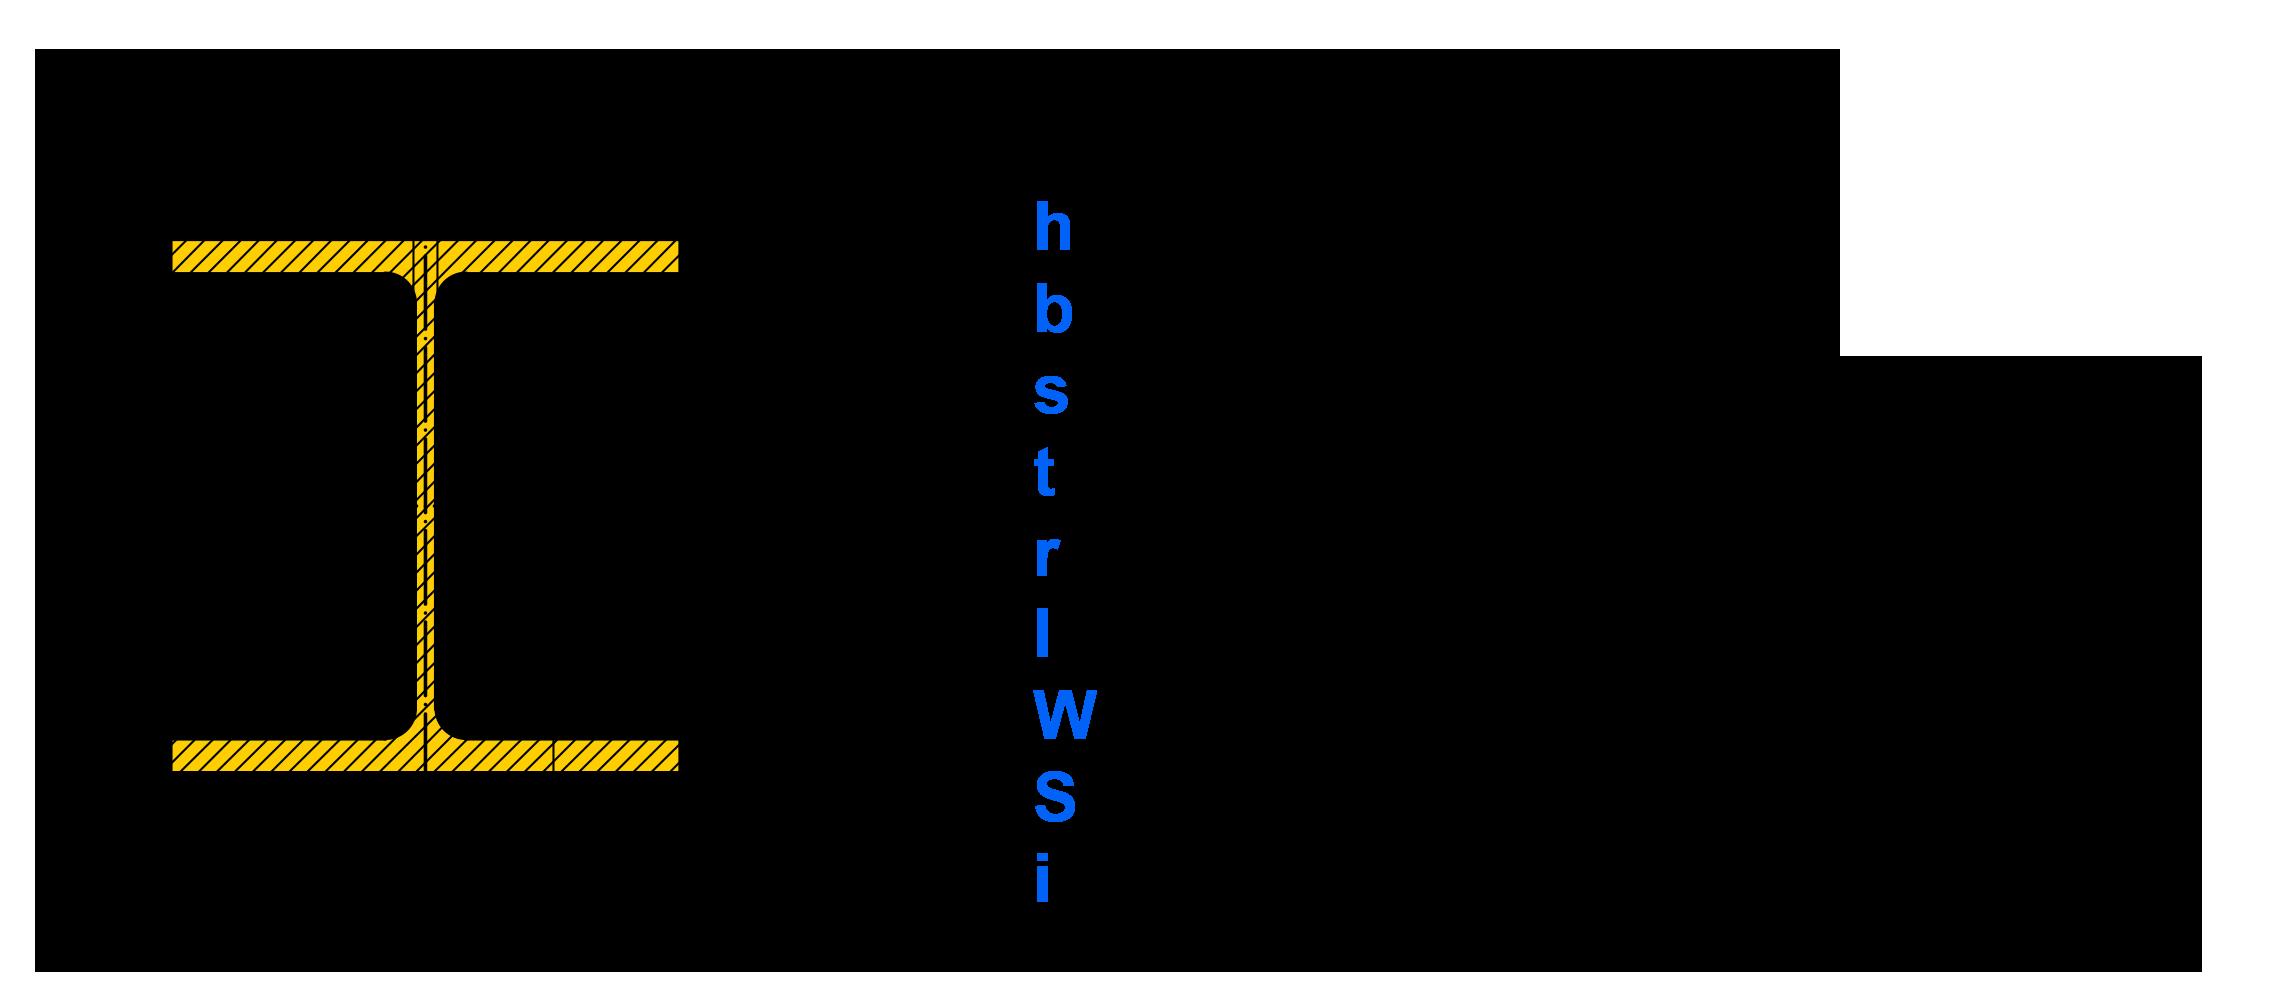 Балка: основные виды, рекомендации по использованию